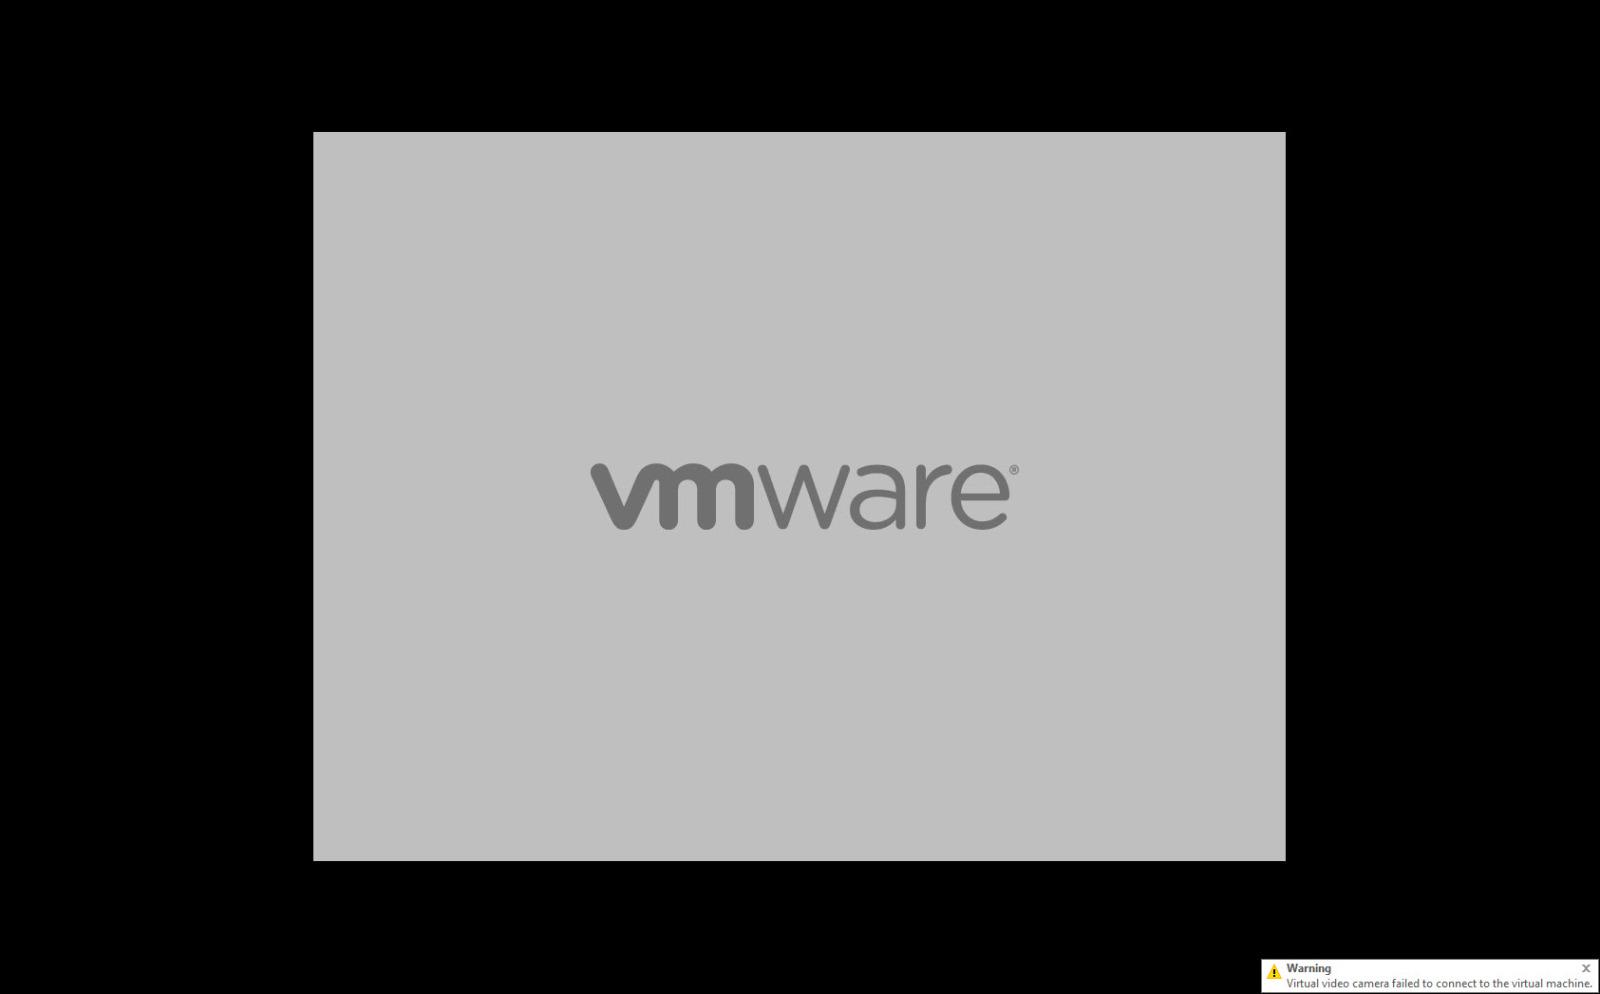 [TUTORIAL] VMWARE: INSTALANDO OS X EL CAPITÁN EN OS X Y WINDOWS... A LA BILBAÍNA 9hju34